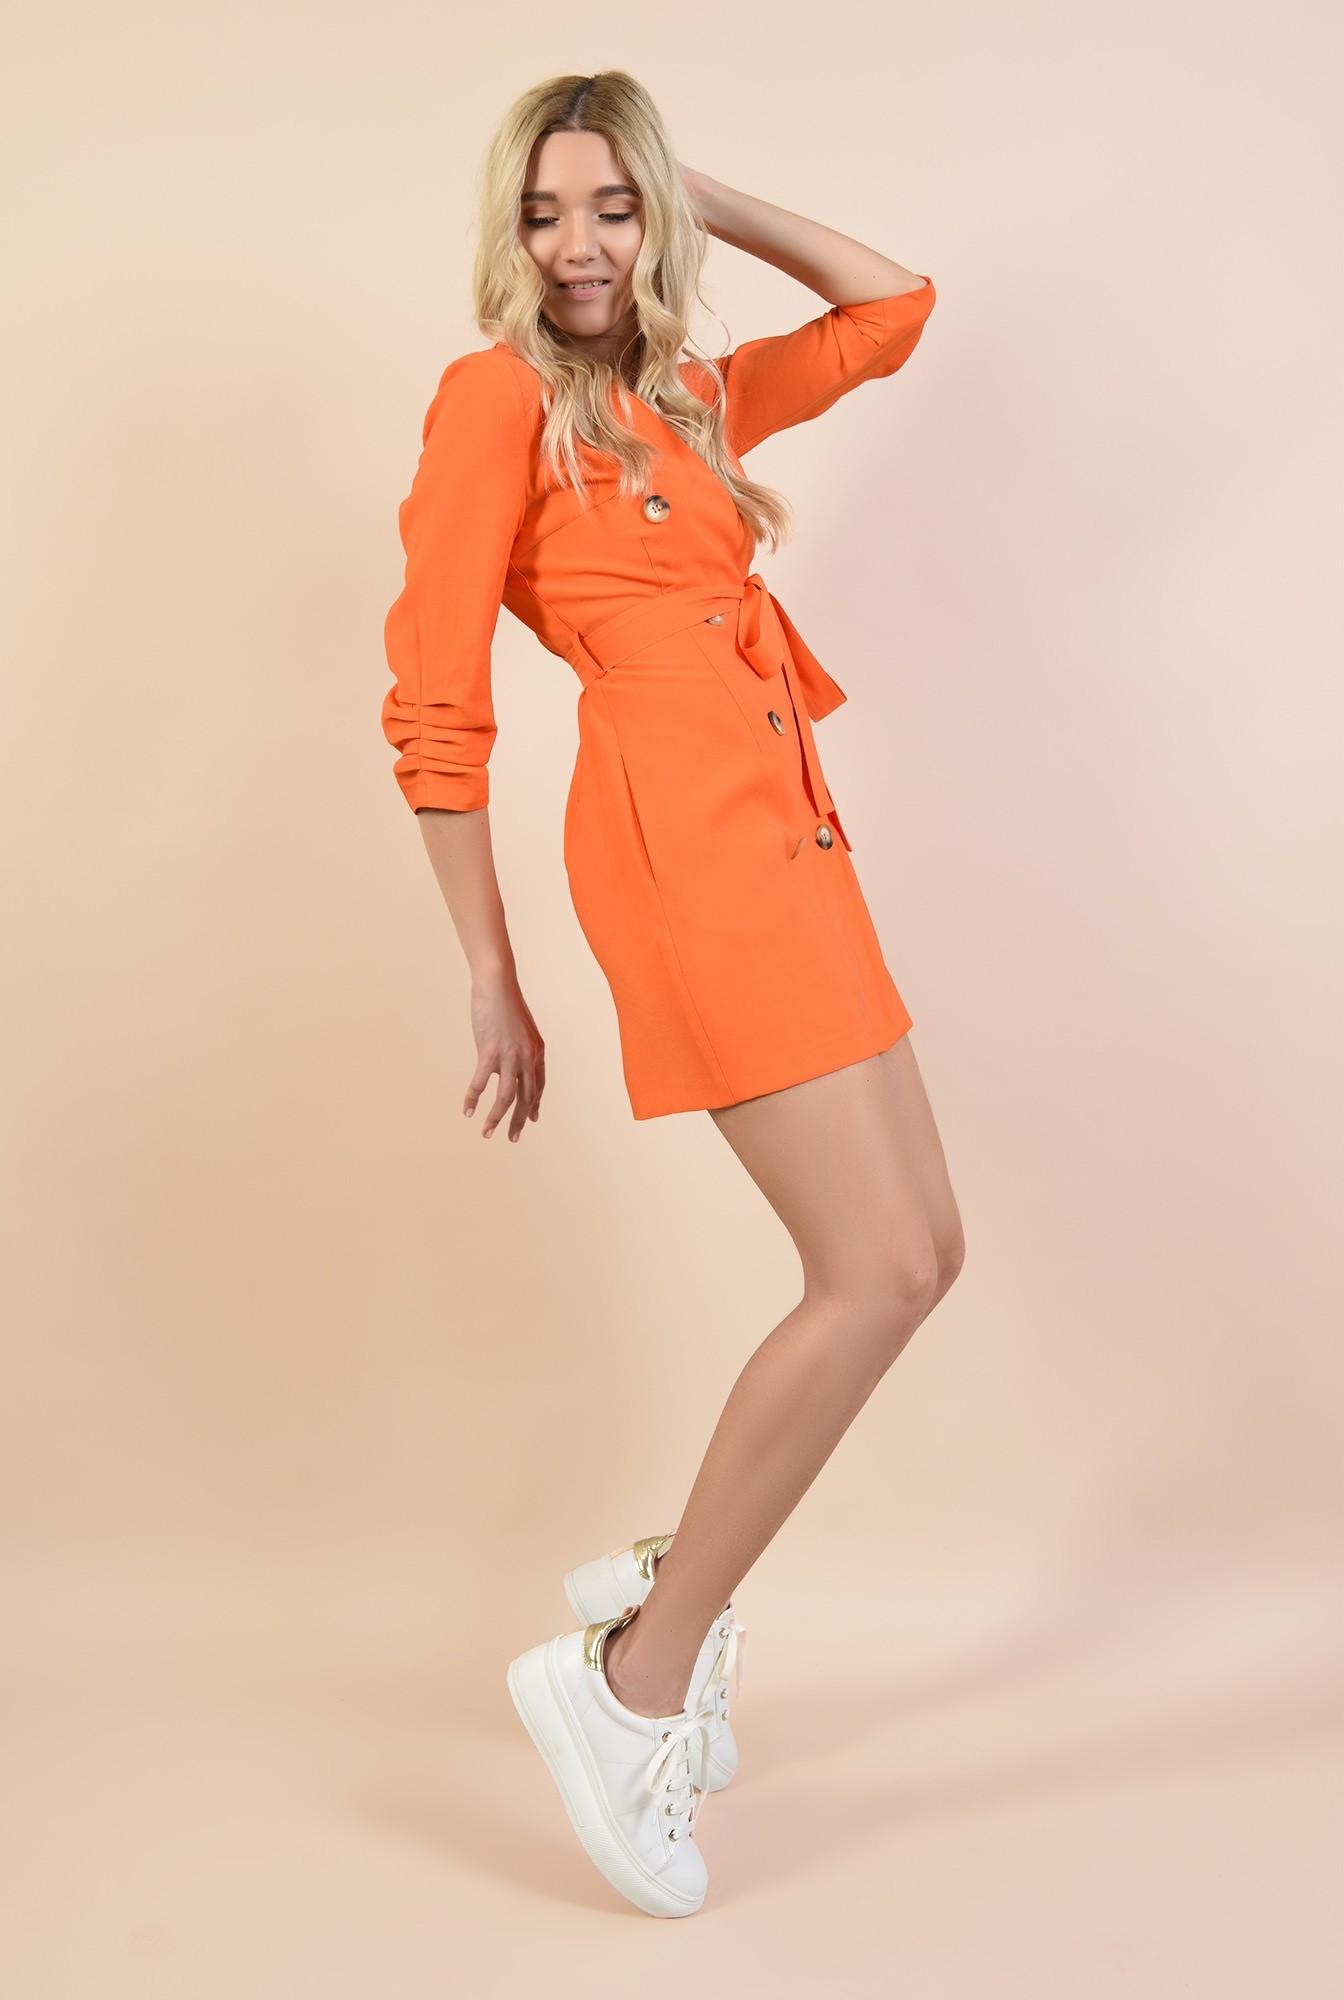 3 - 360 - rochie orange, casual, scurta, cu buzunare, fronseuri la maneci, cu nasturi